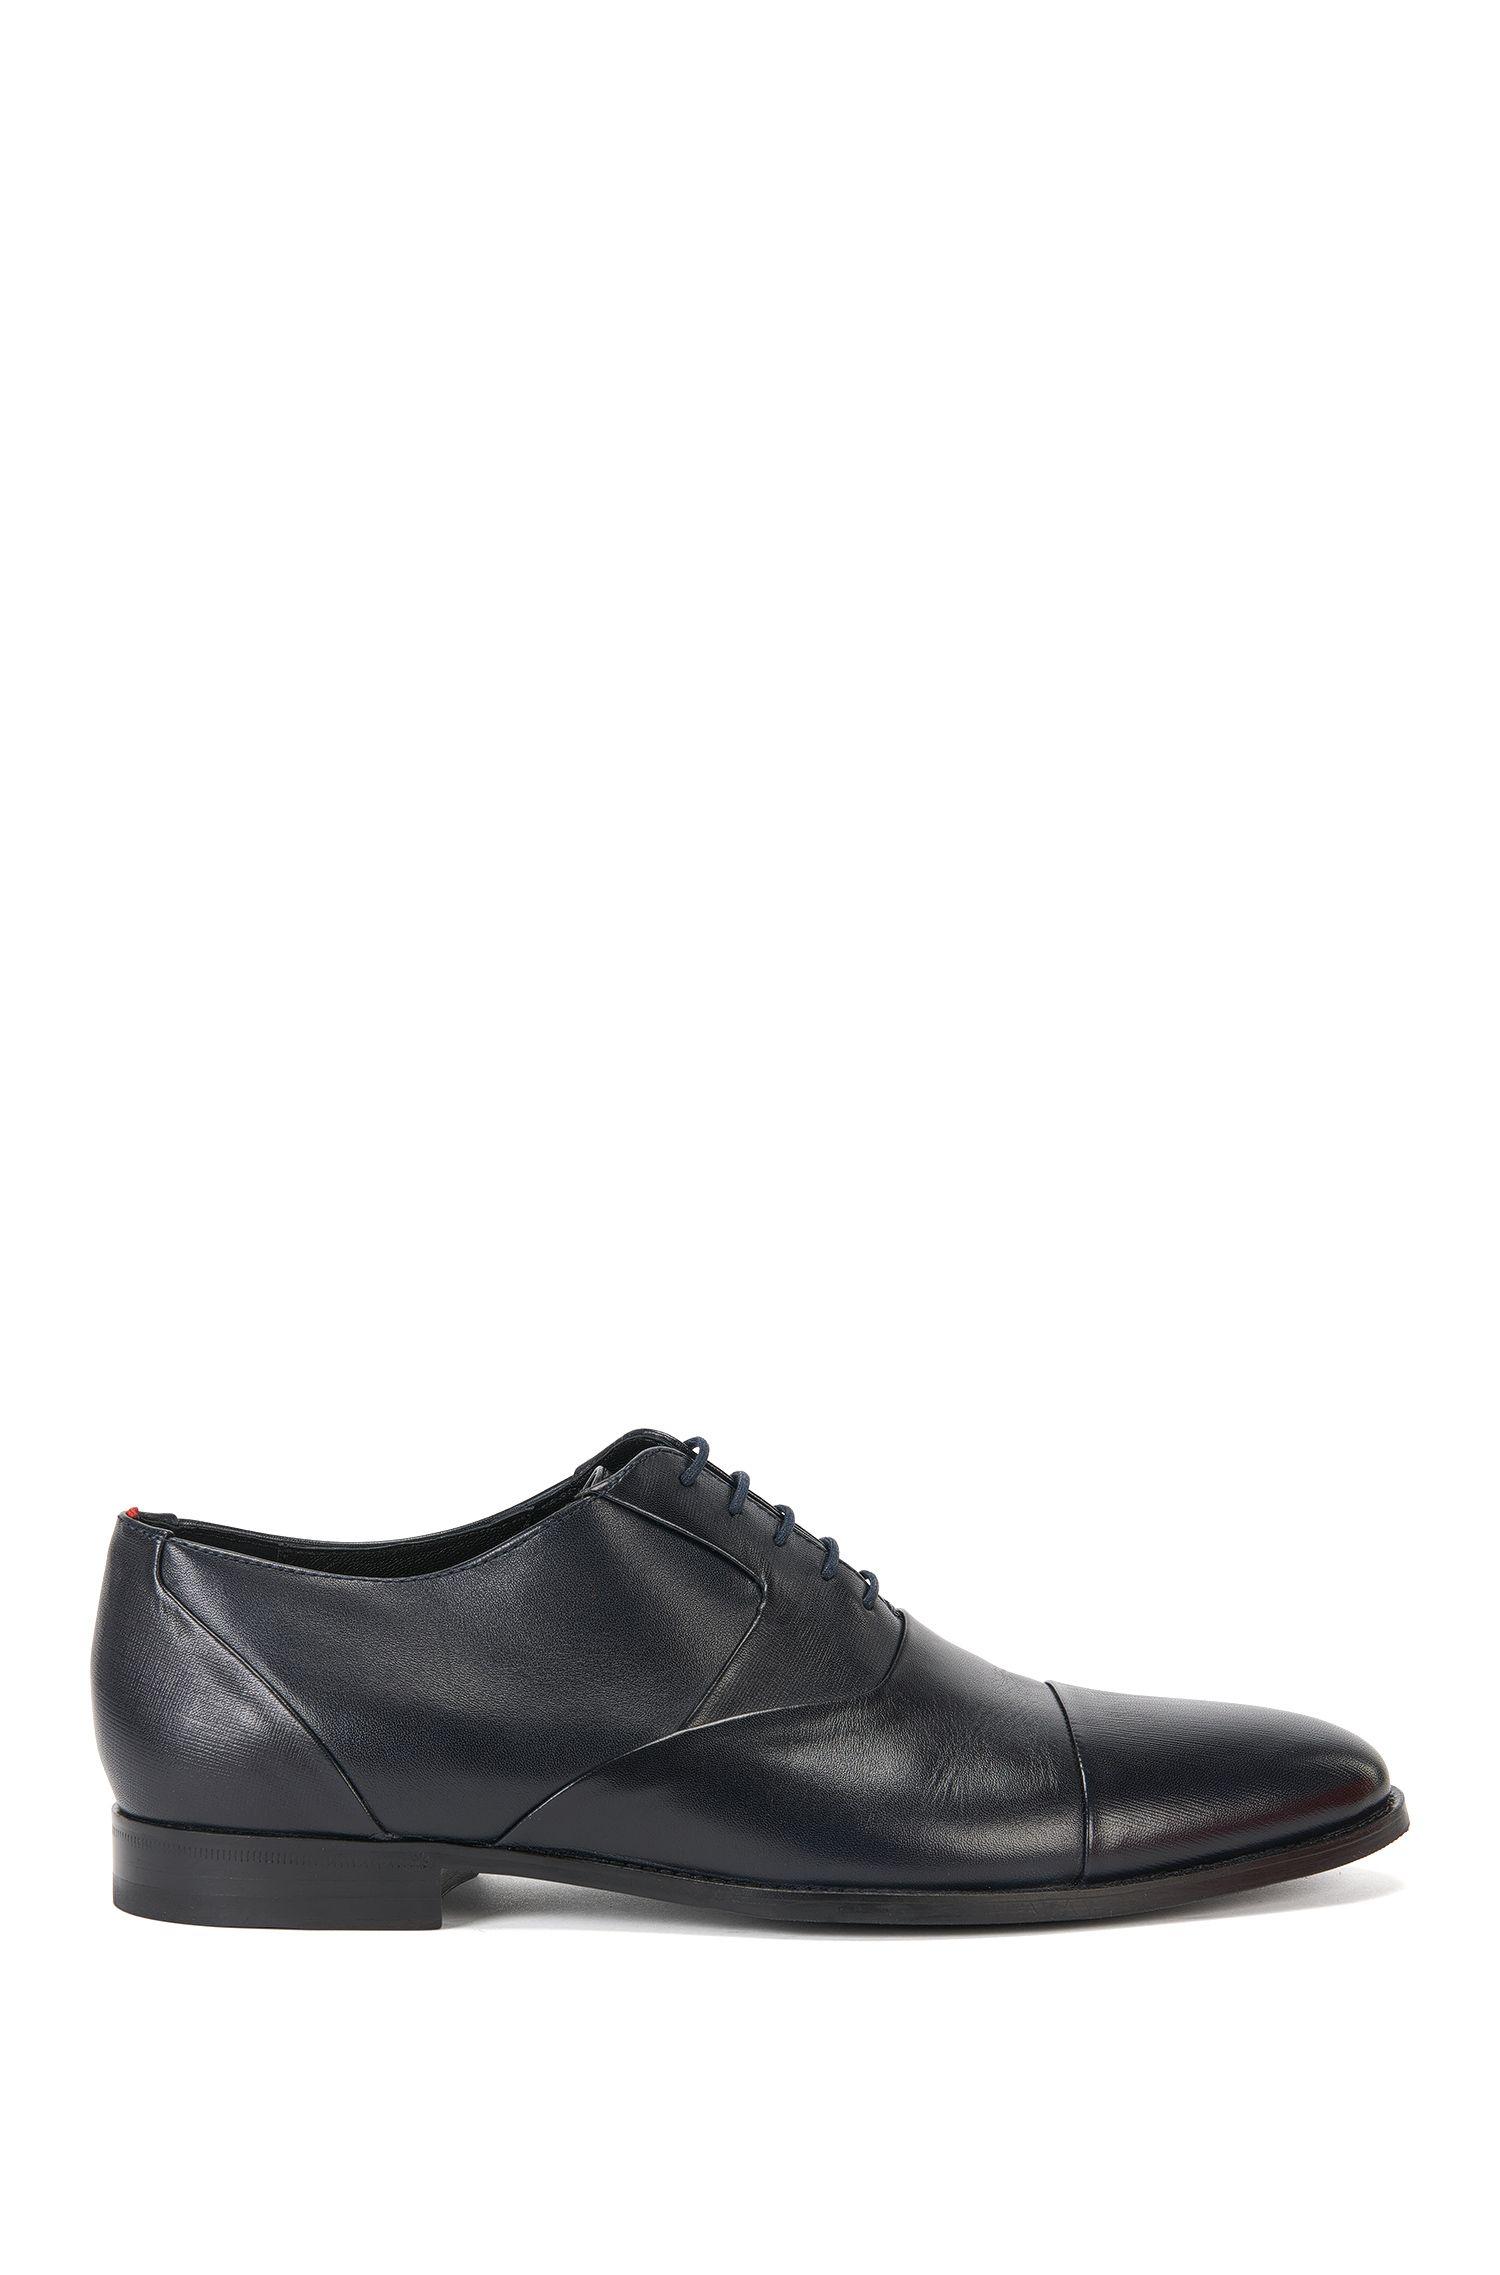 Oxford-Schuhe mit Details aus Saffians-Leder